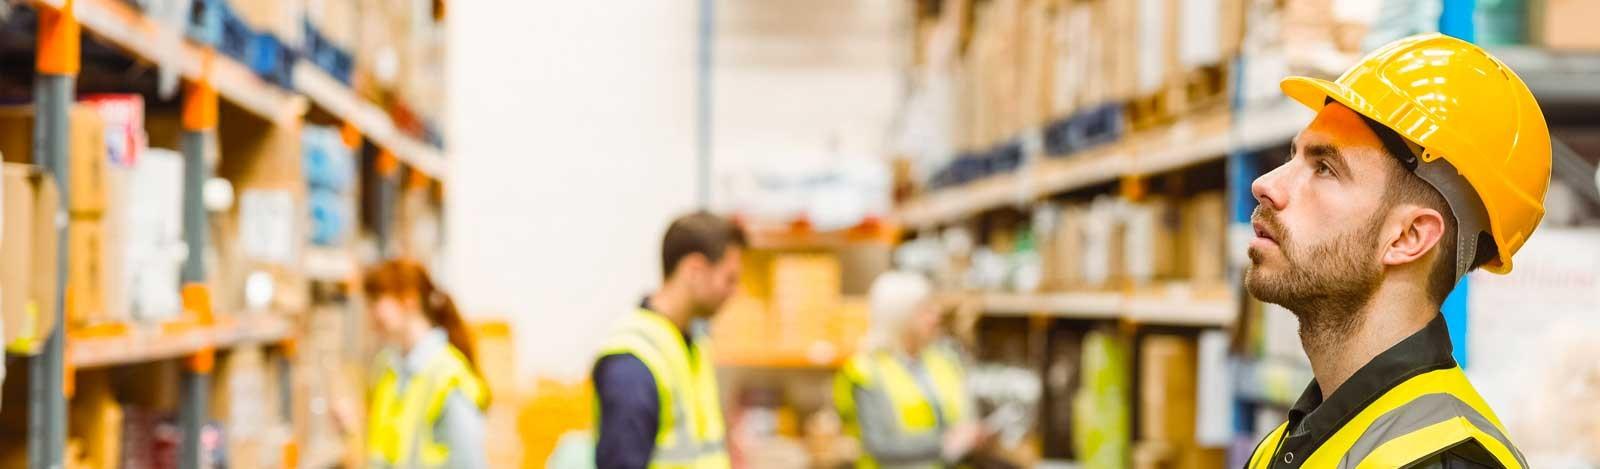 work-safety-1600x469